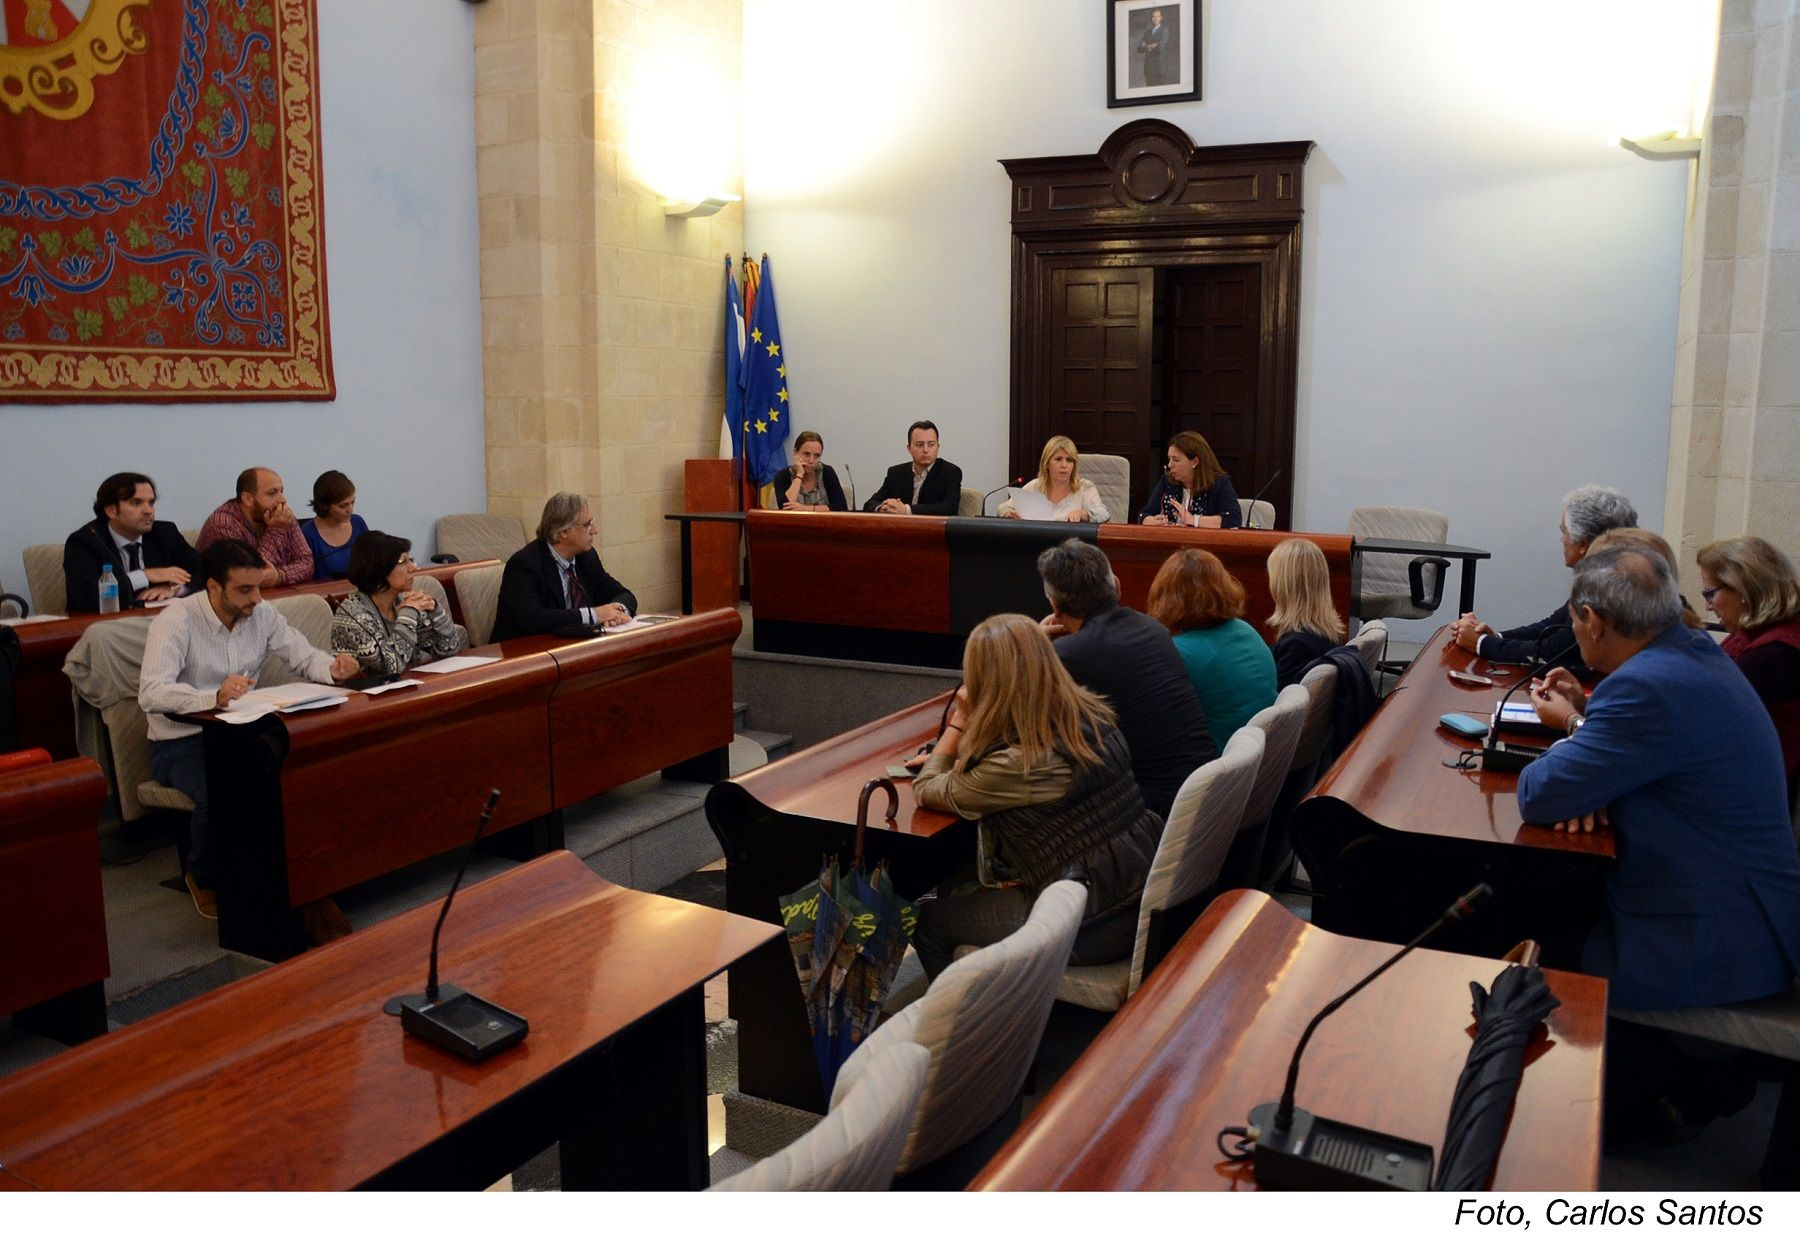 Imagen del Pleno municipal en el Ayuntamiento de Jerez.